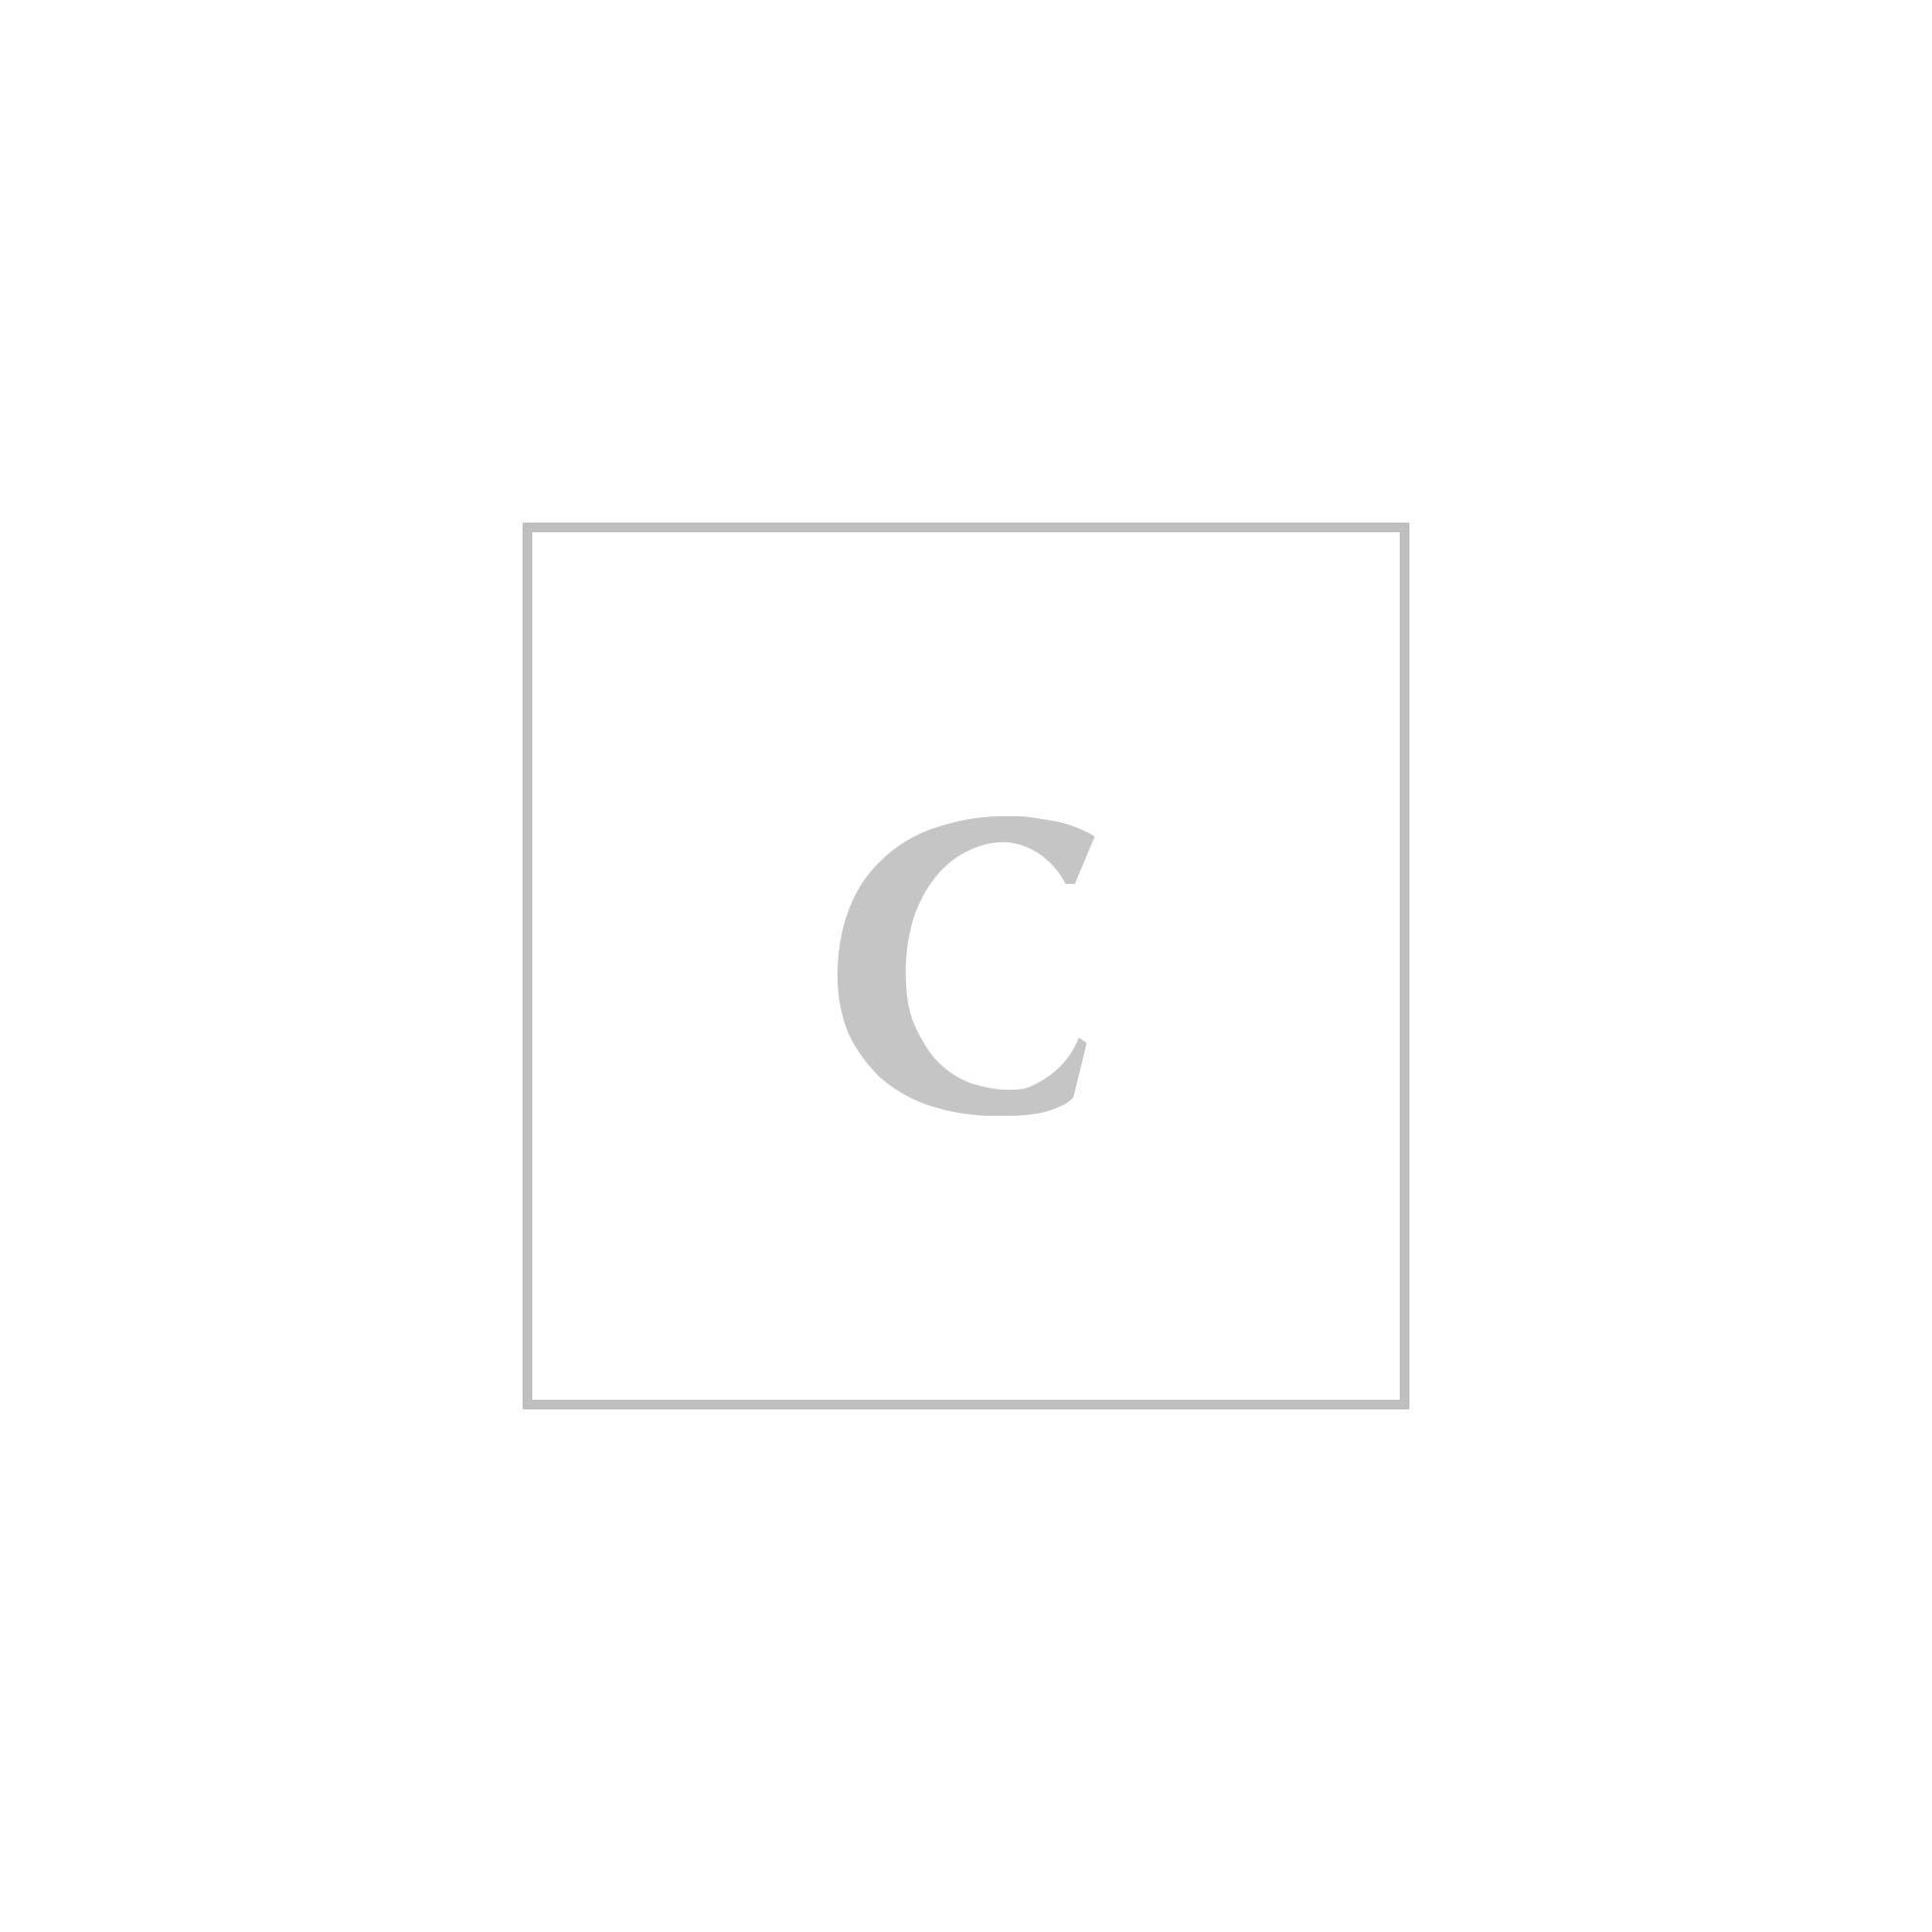 Dolce & gabbana calfskin marsala lace-ups